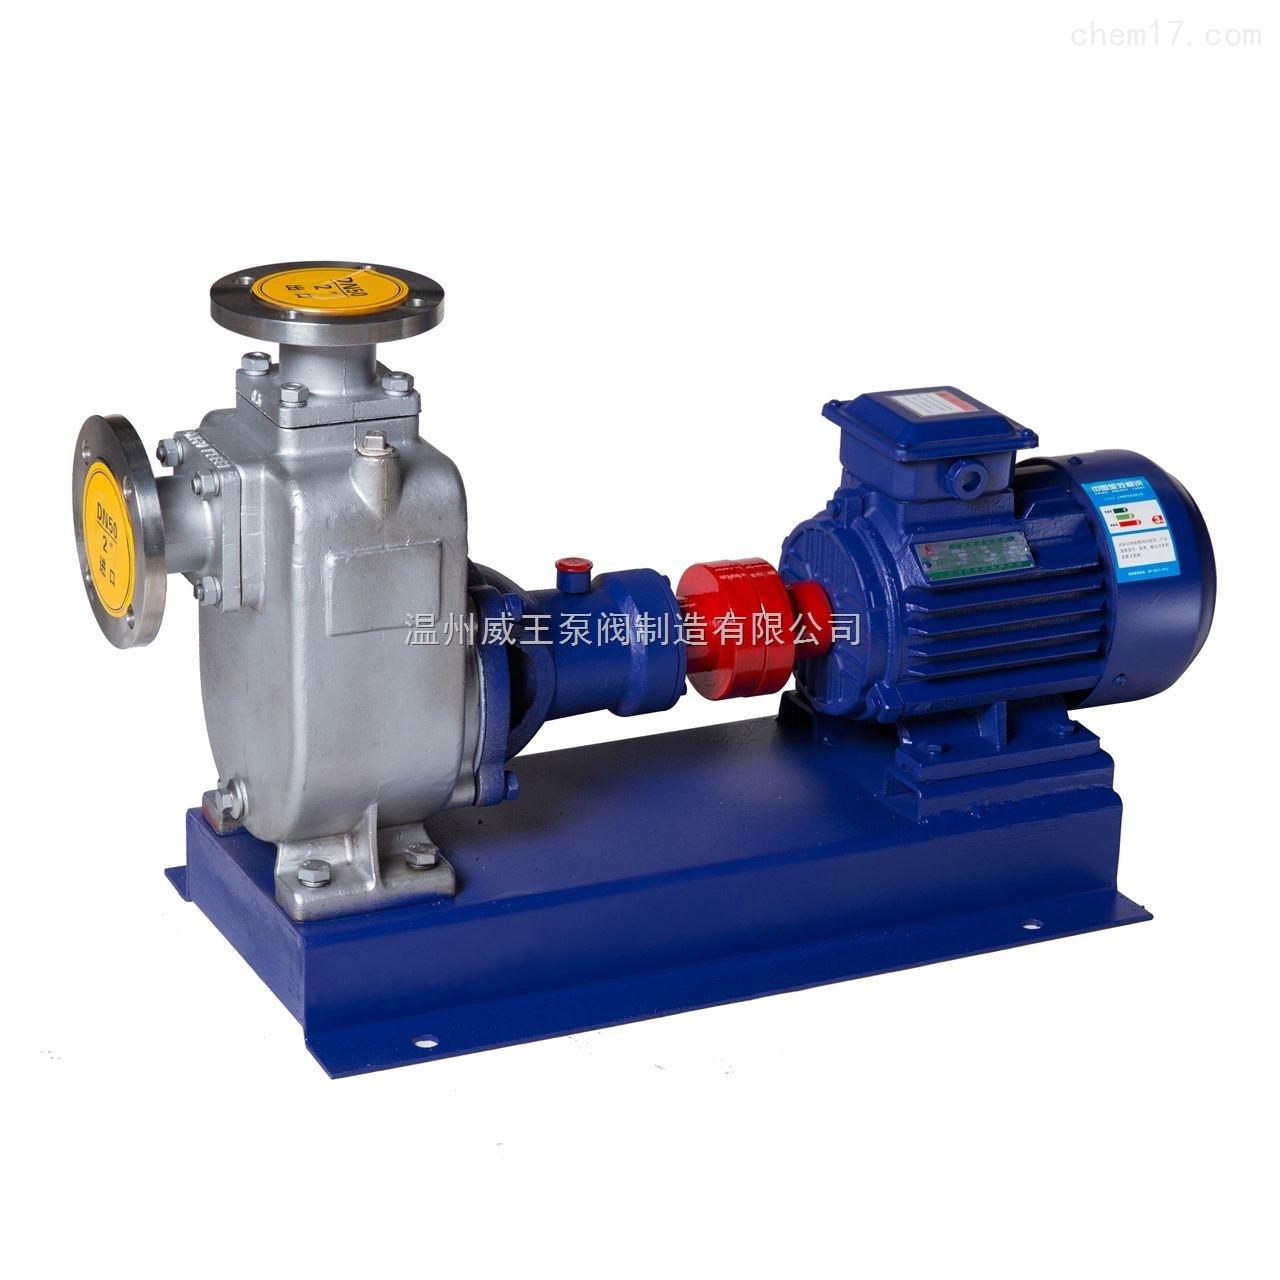 ZX型系列防爆自吸泵,不锈钢自吸泵,防爆自吸泵,耐腐蚀自吸泵